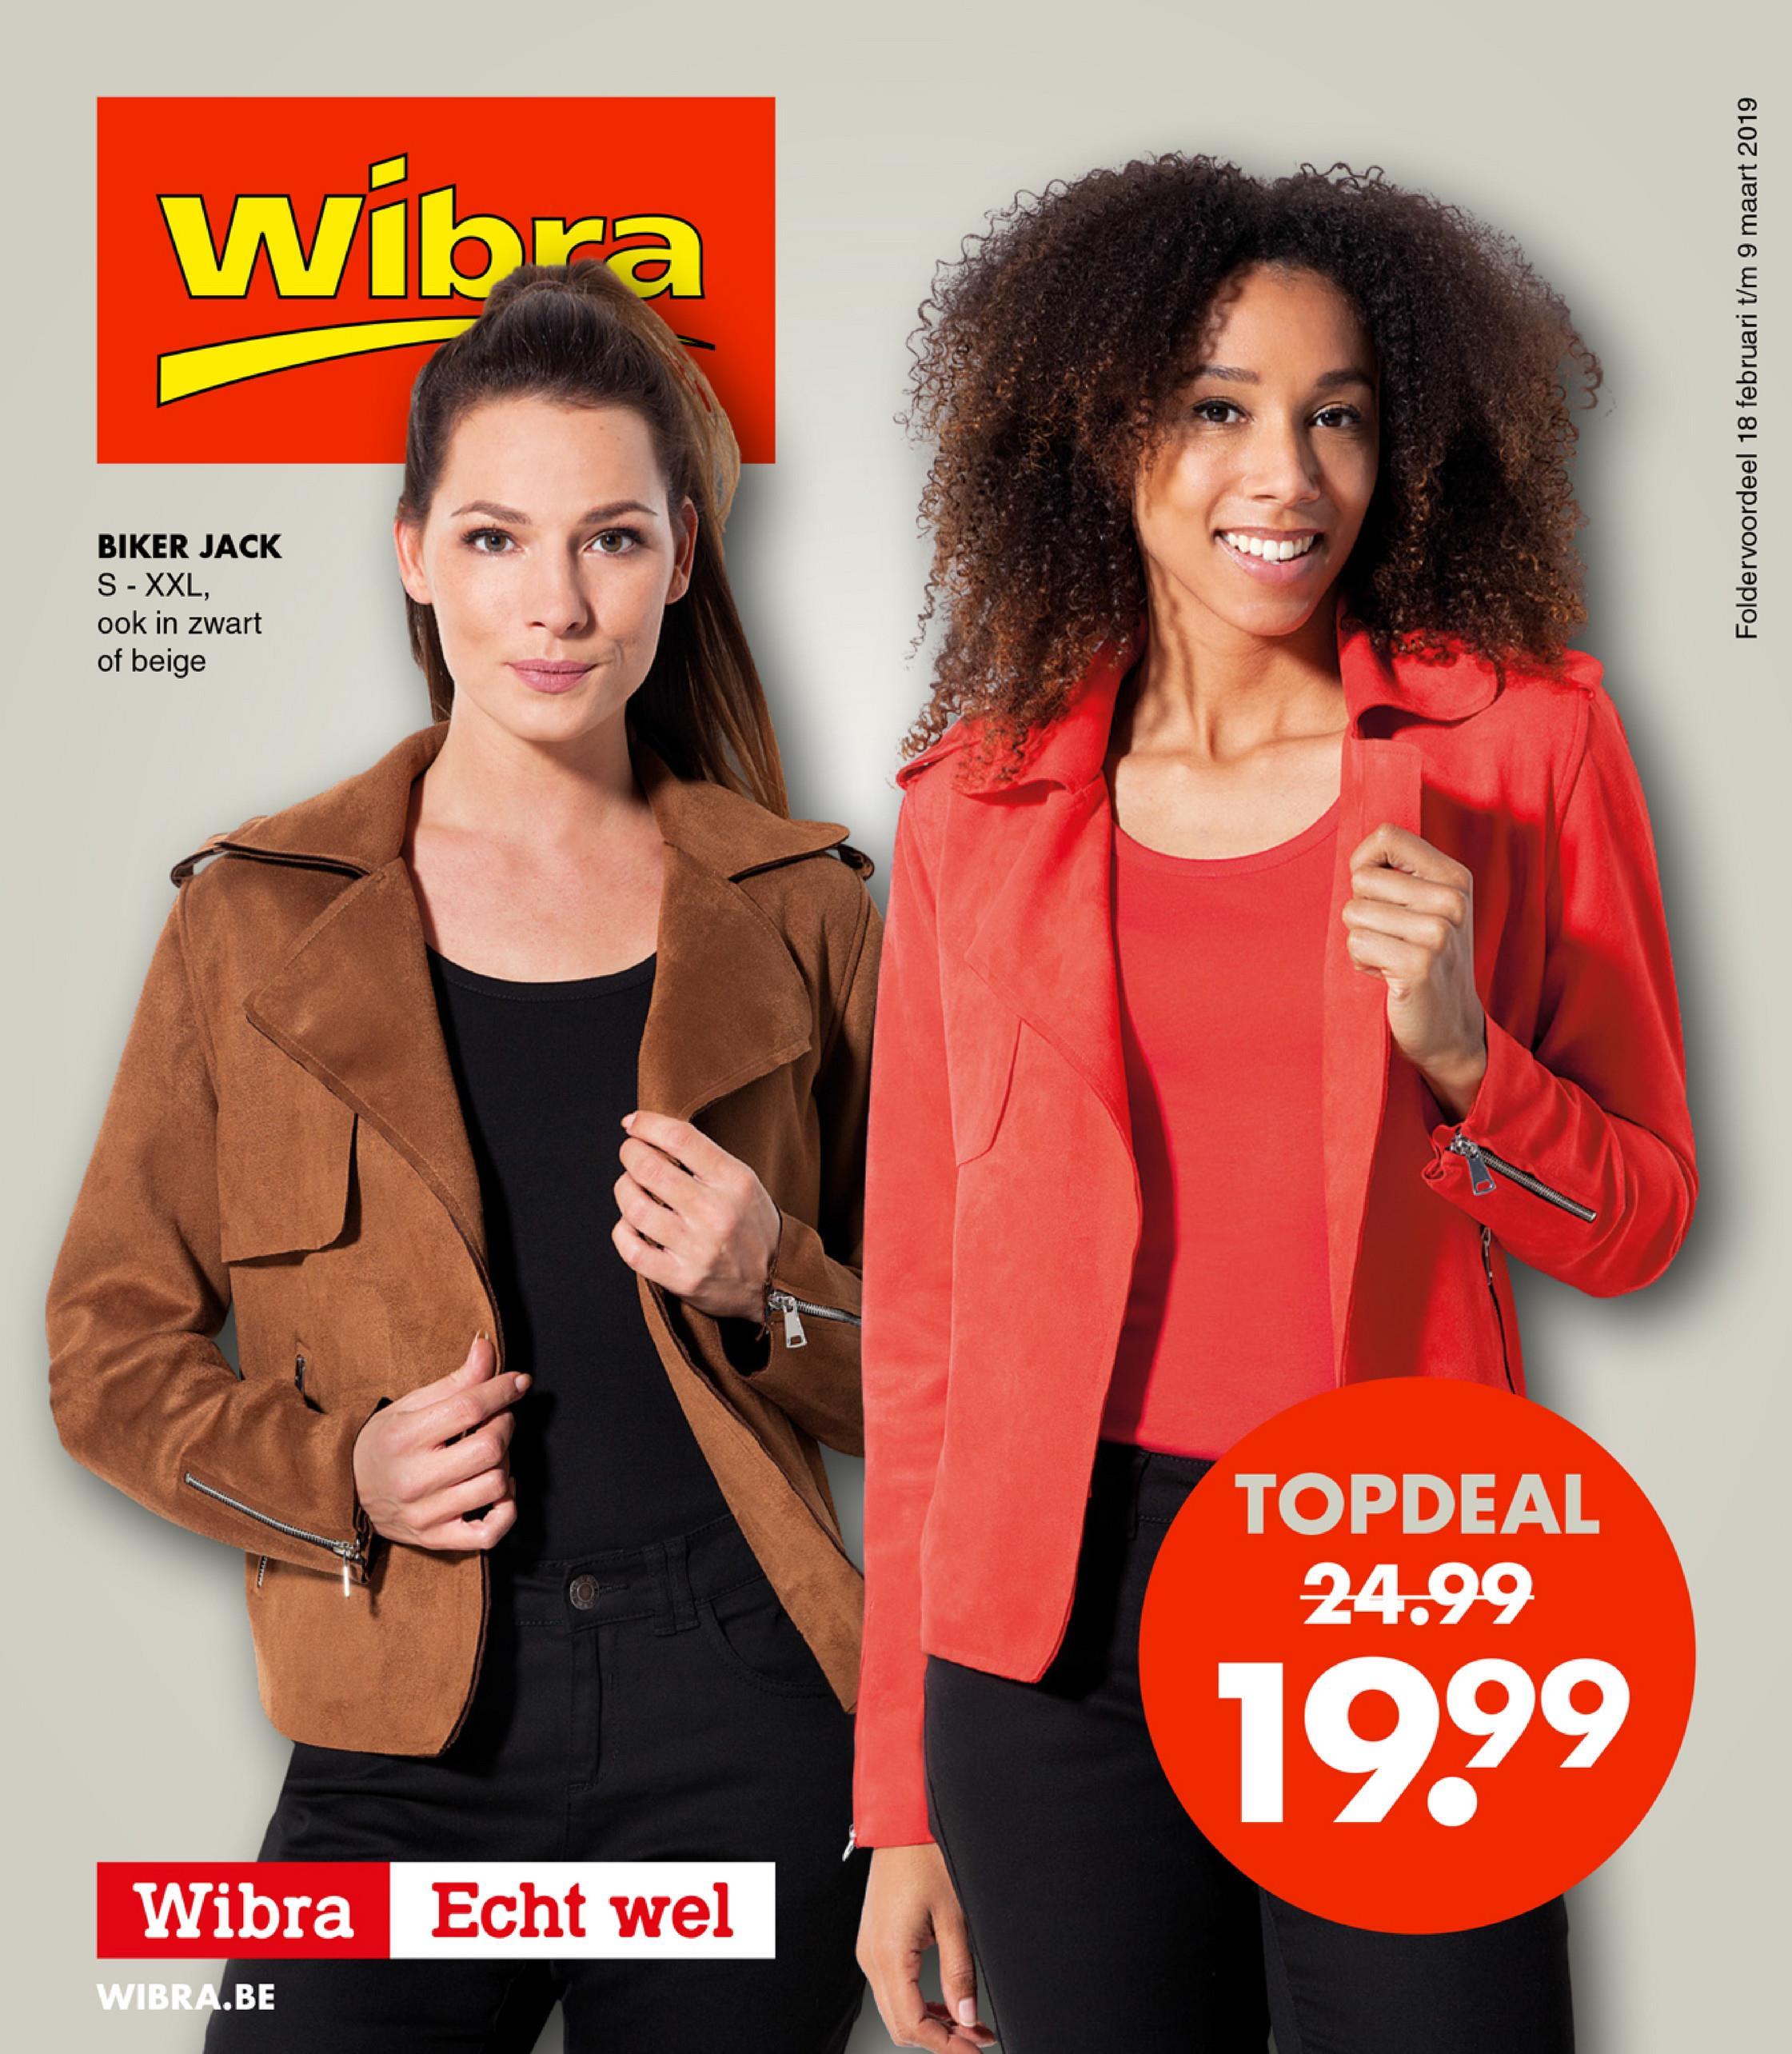 Wibra Foldervoordeel 18 februari t/m 9 maart 2019 BIKER JACK S - XXL, ook in zwart of beige TOPDEAL 24.99 1999 Wibra Echt wel WIBRA.BE